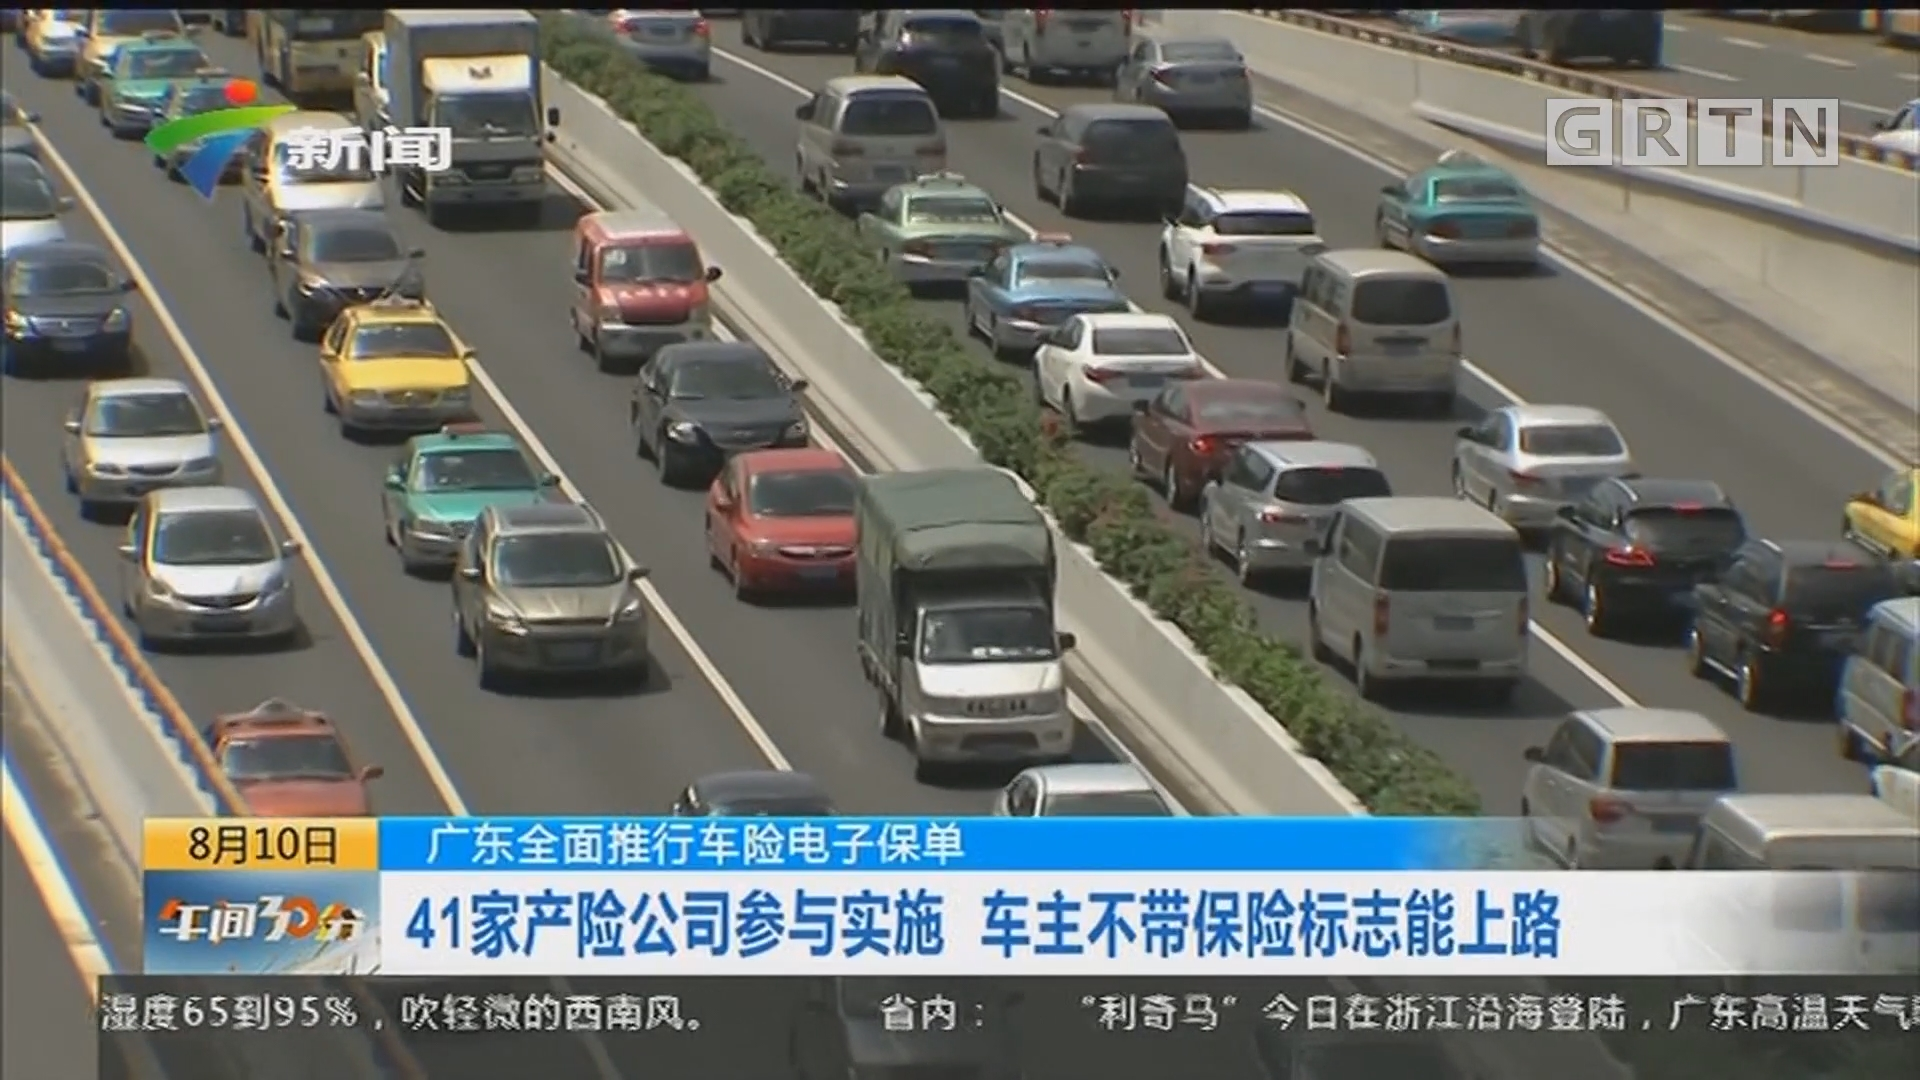 广东全面推行车险电子保单:41家产险公司参与实施 车主不带保险标志能上路